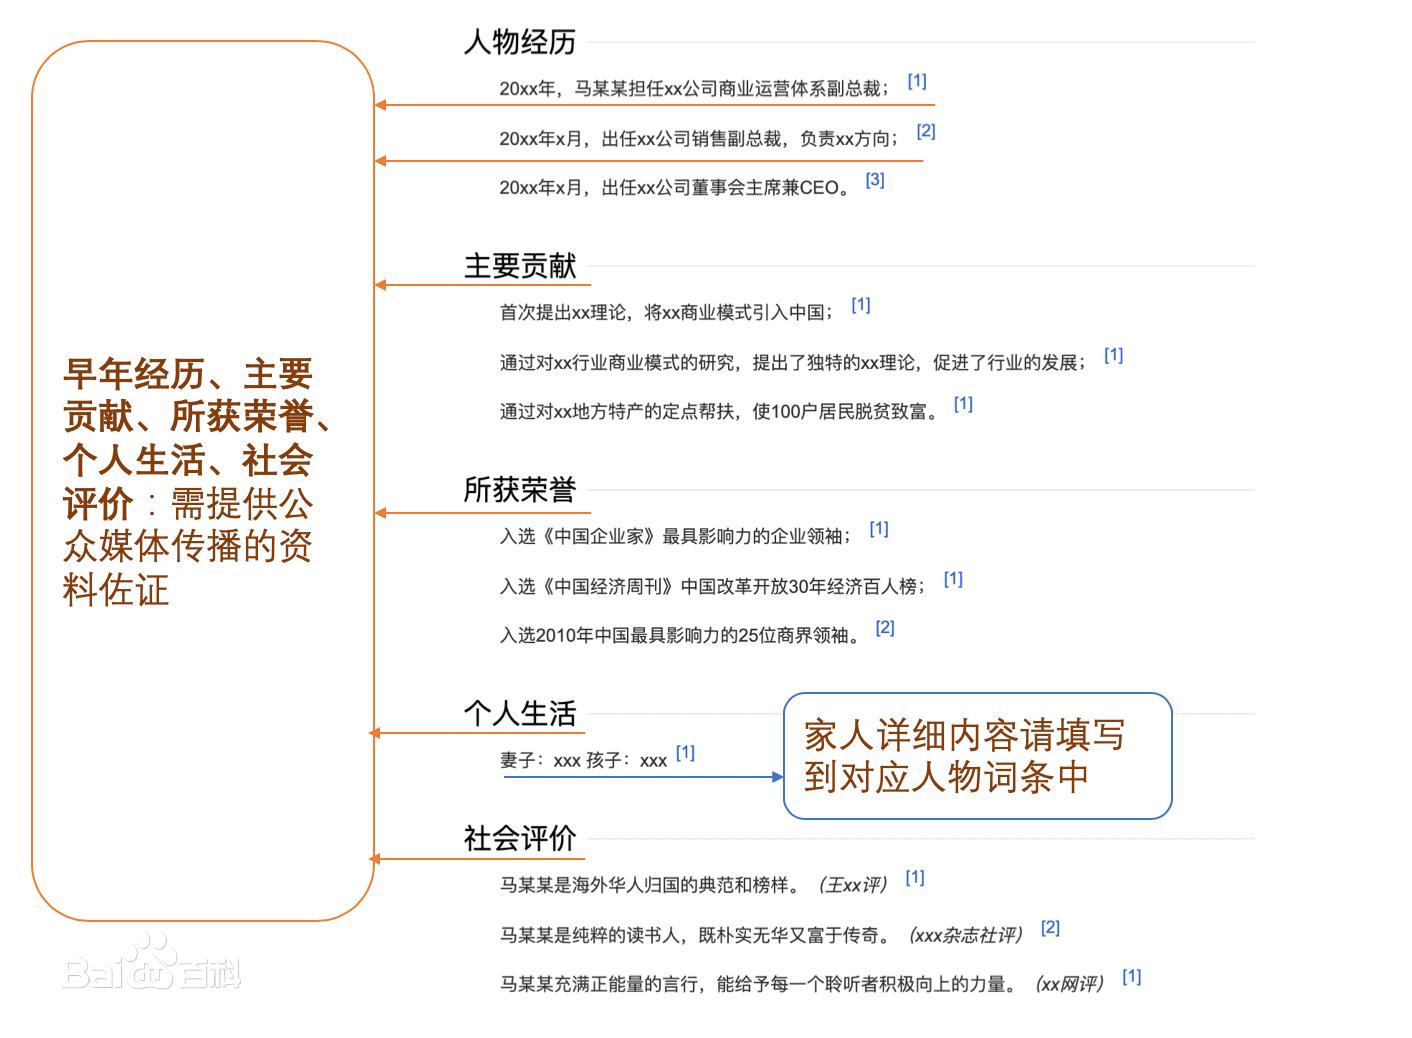 艺人演员明星人物百度百科怎么创建更新代做优化 (http://www.jiagao.net/) 百科创建 第2张